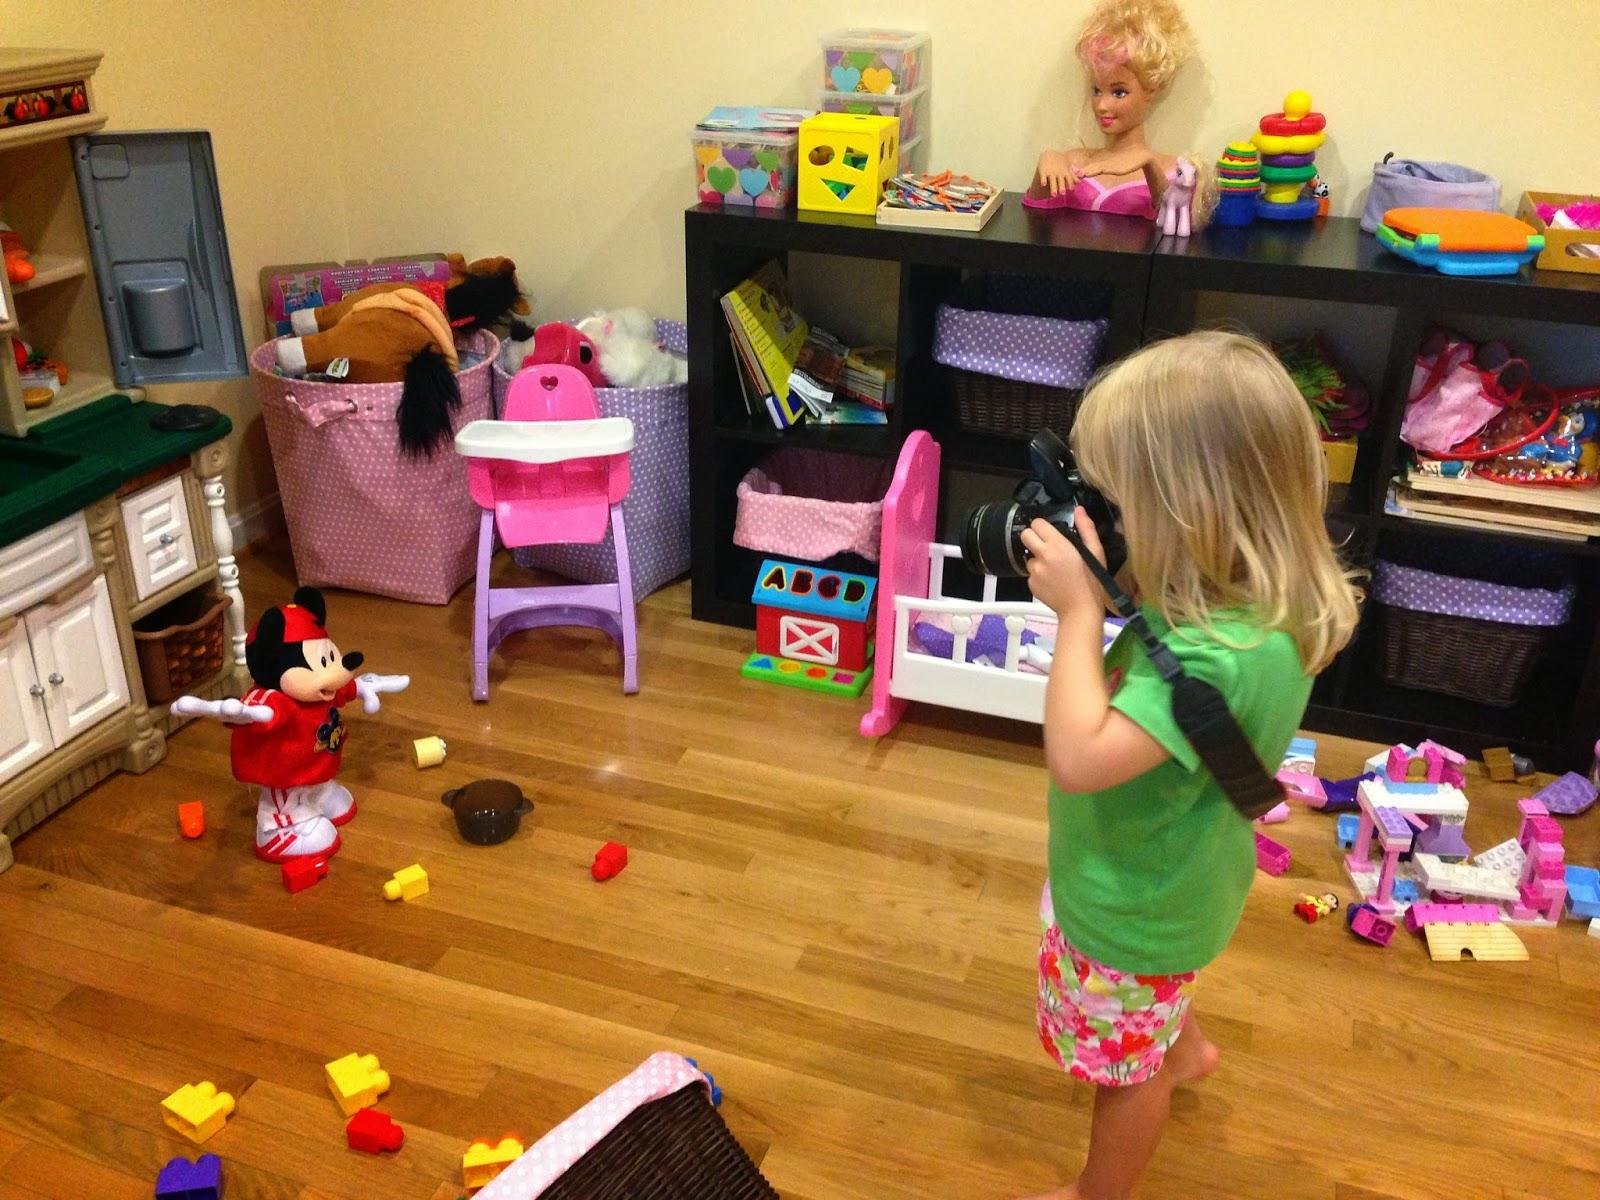 Красивая девушка развлекается со своей любимой игрушкой фото 128-717